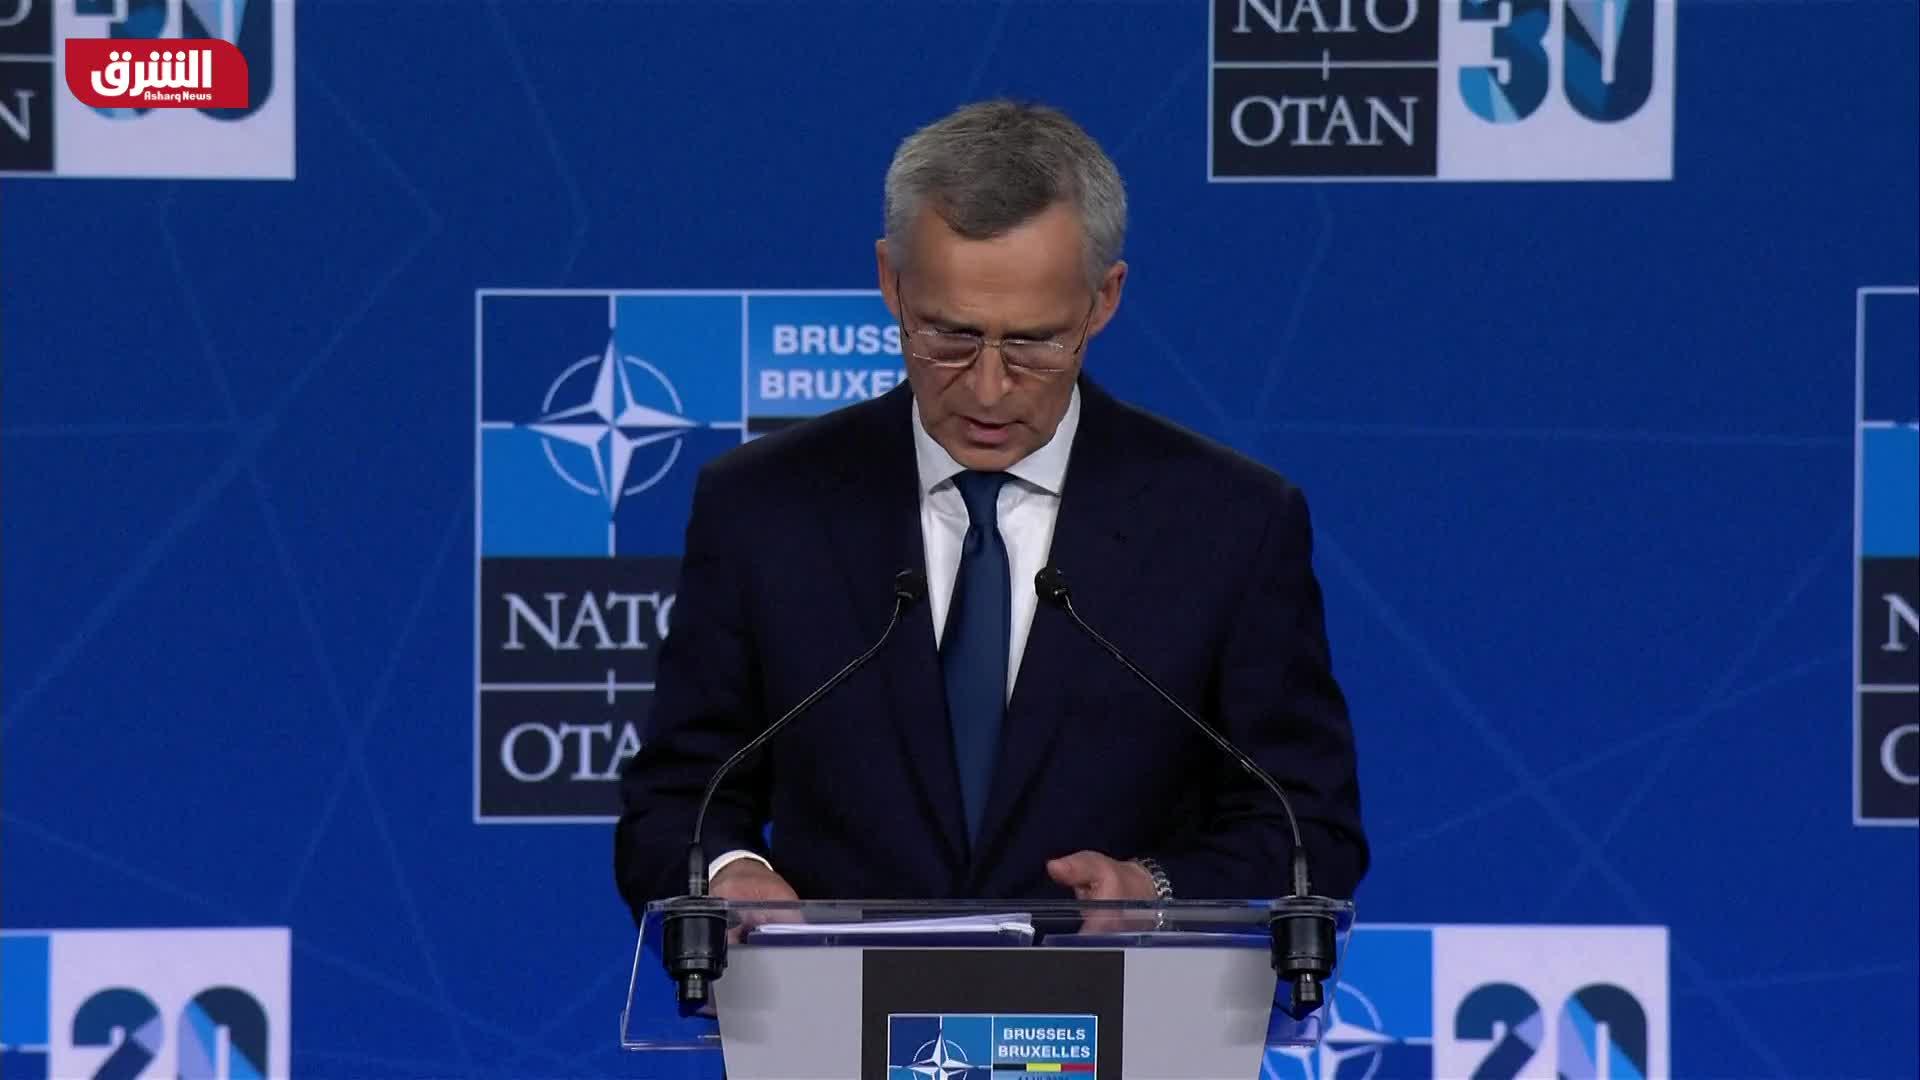 البيان الختامي لقمة زعماء حلف شمال الأطلسي